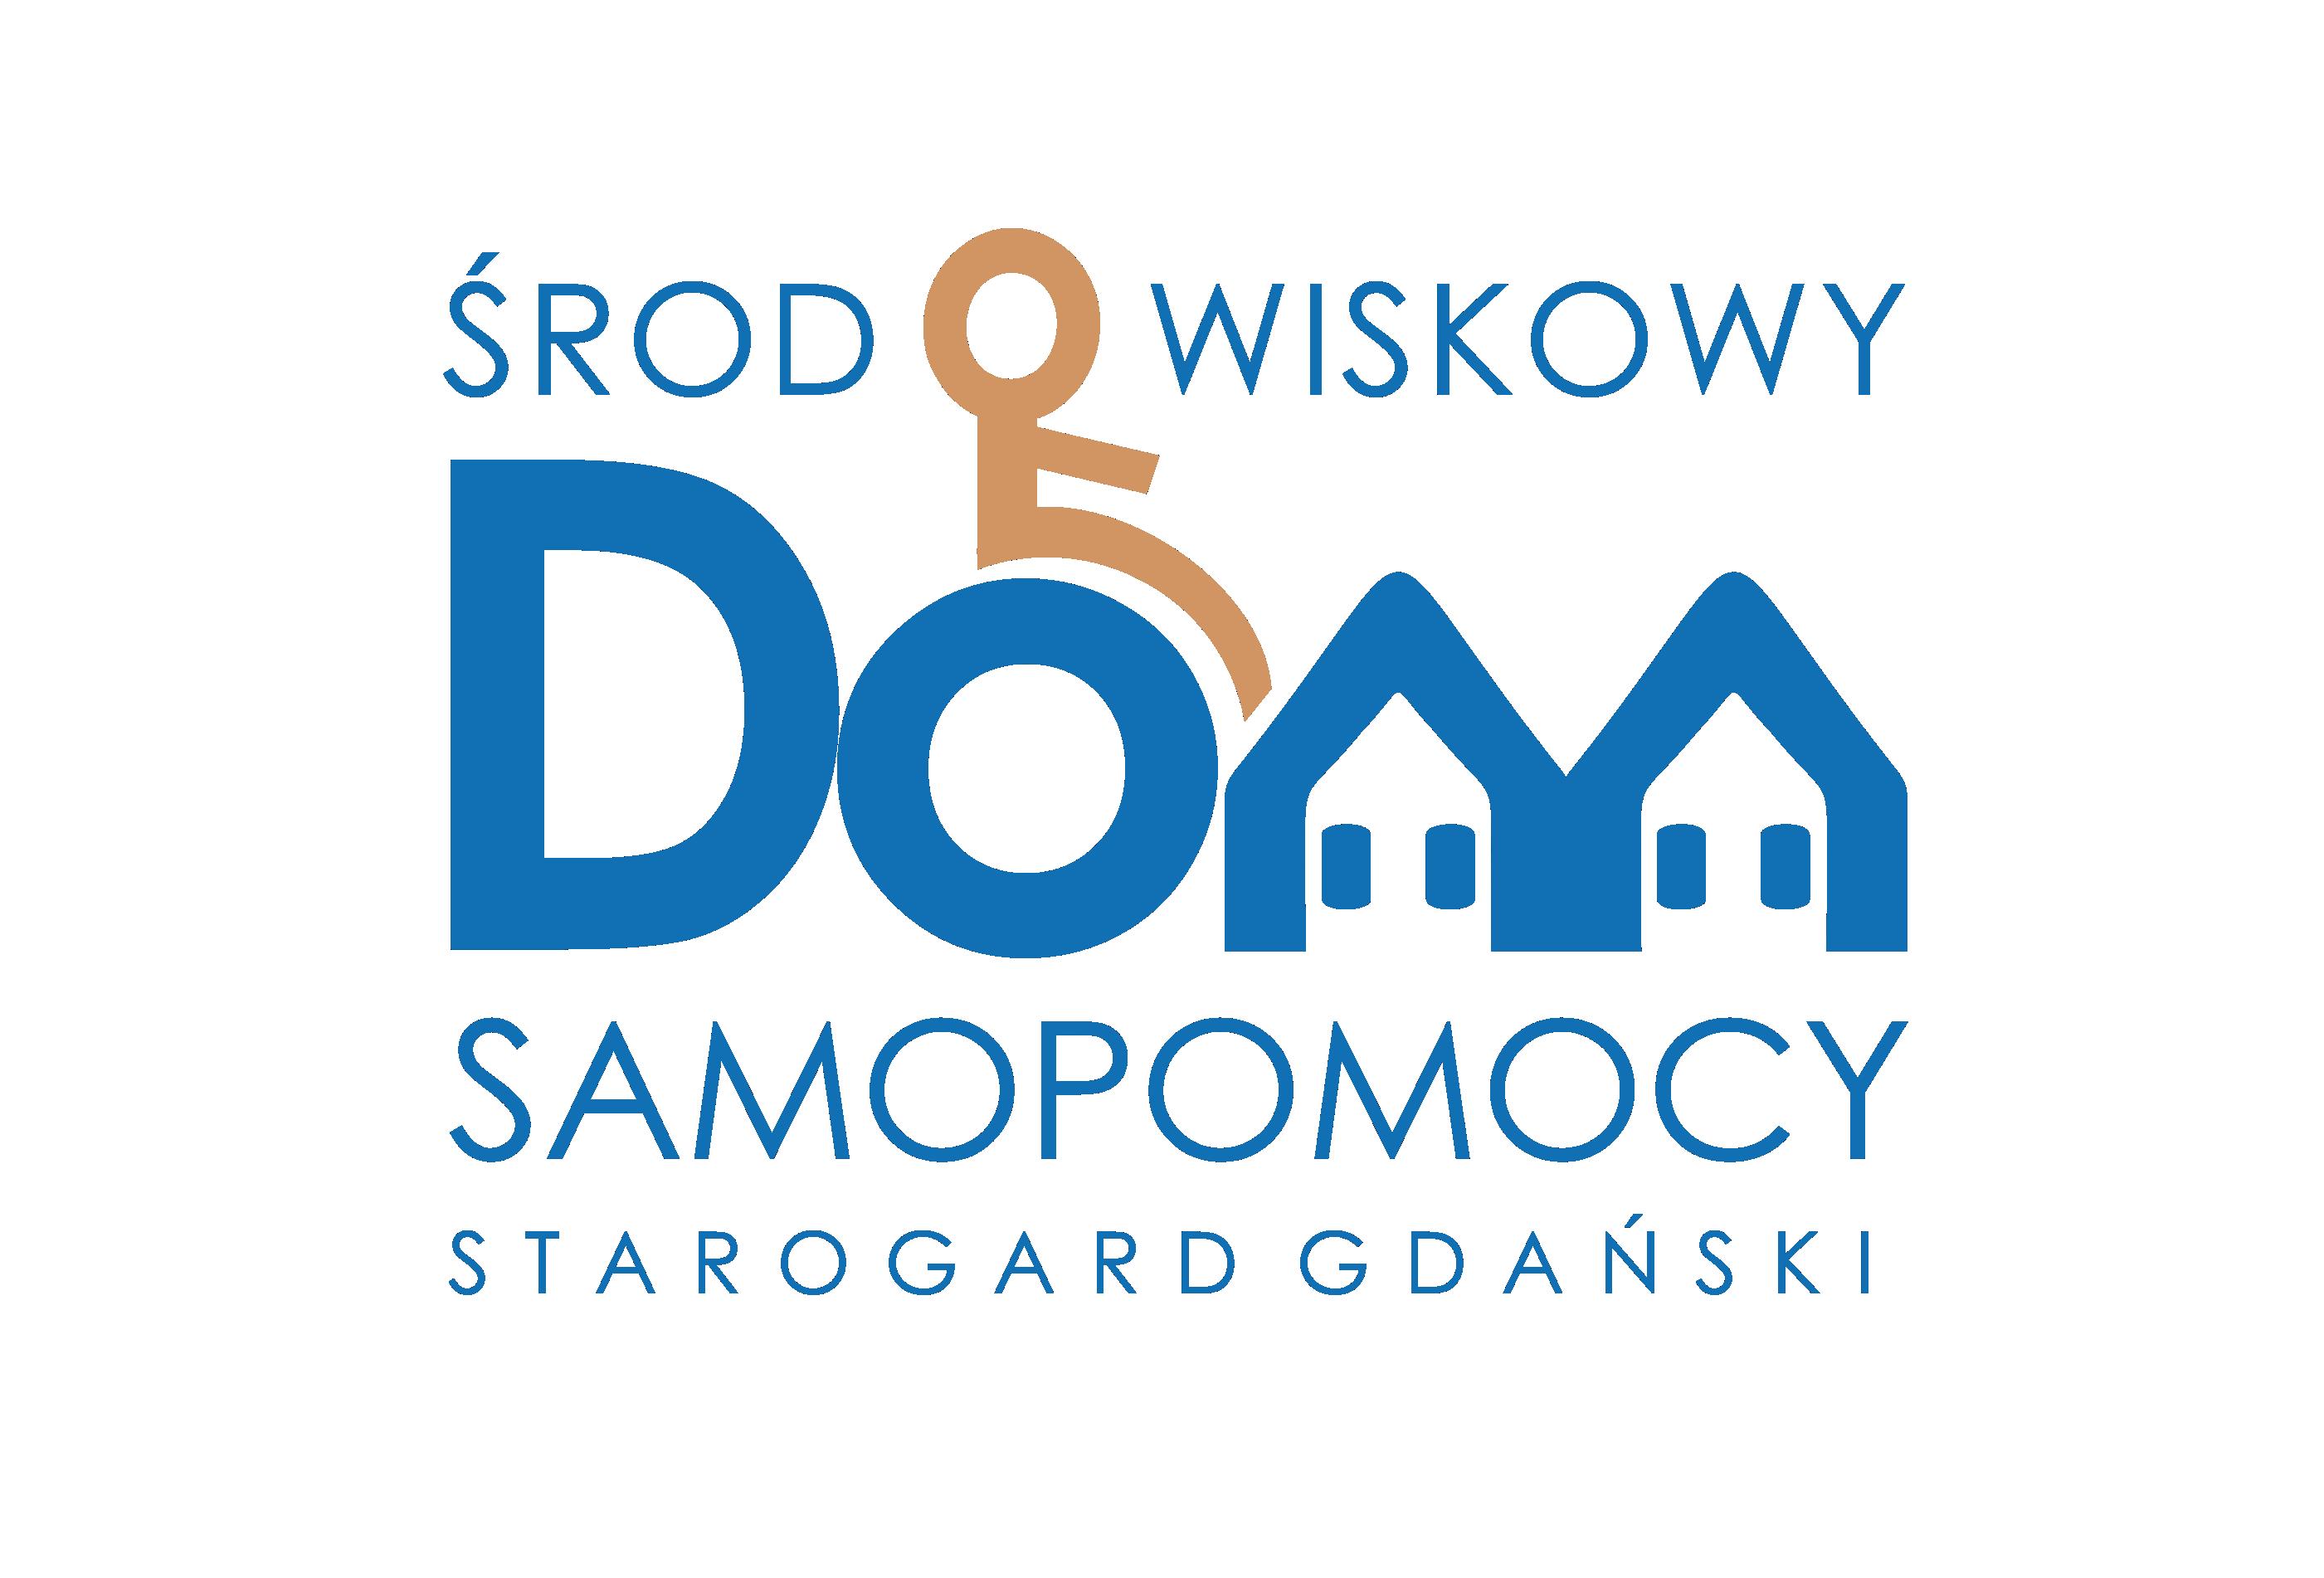 Środowiskowy Dom Samopomocy Starogard Gdański